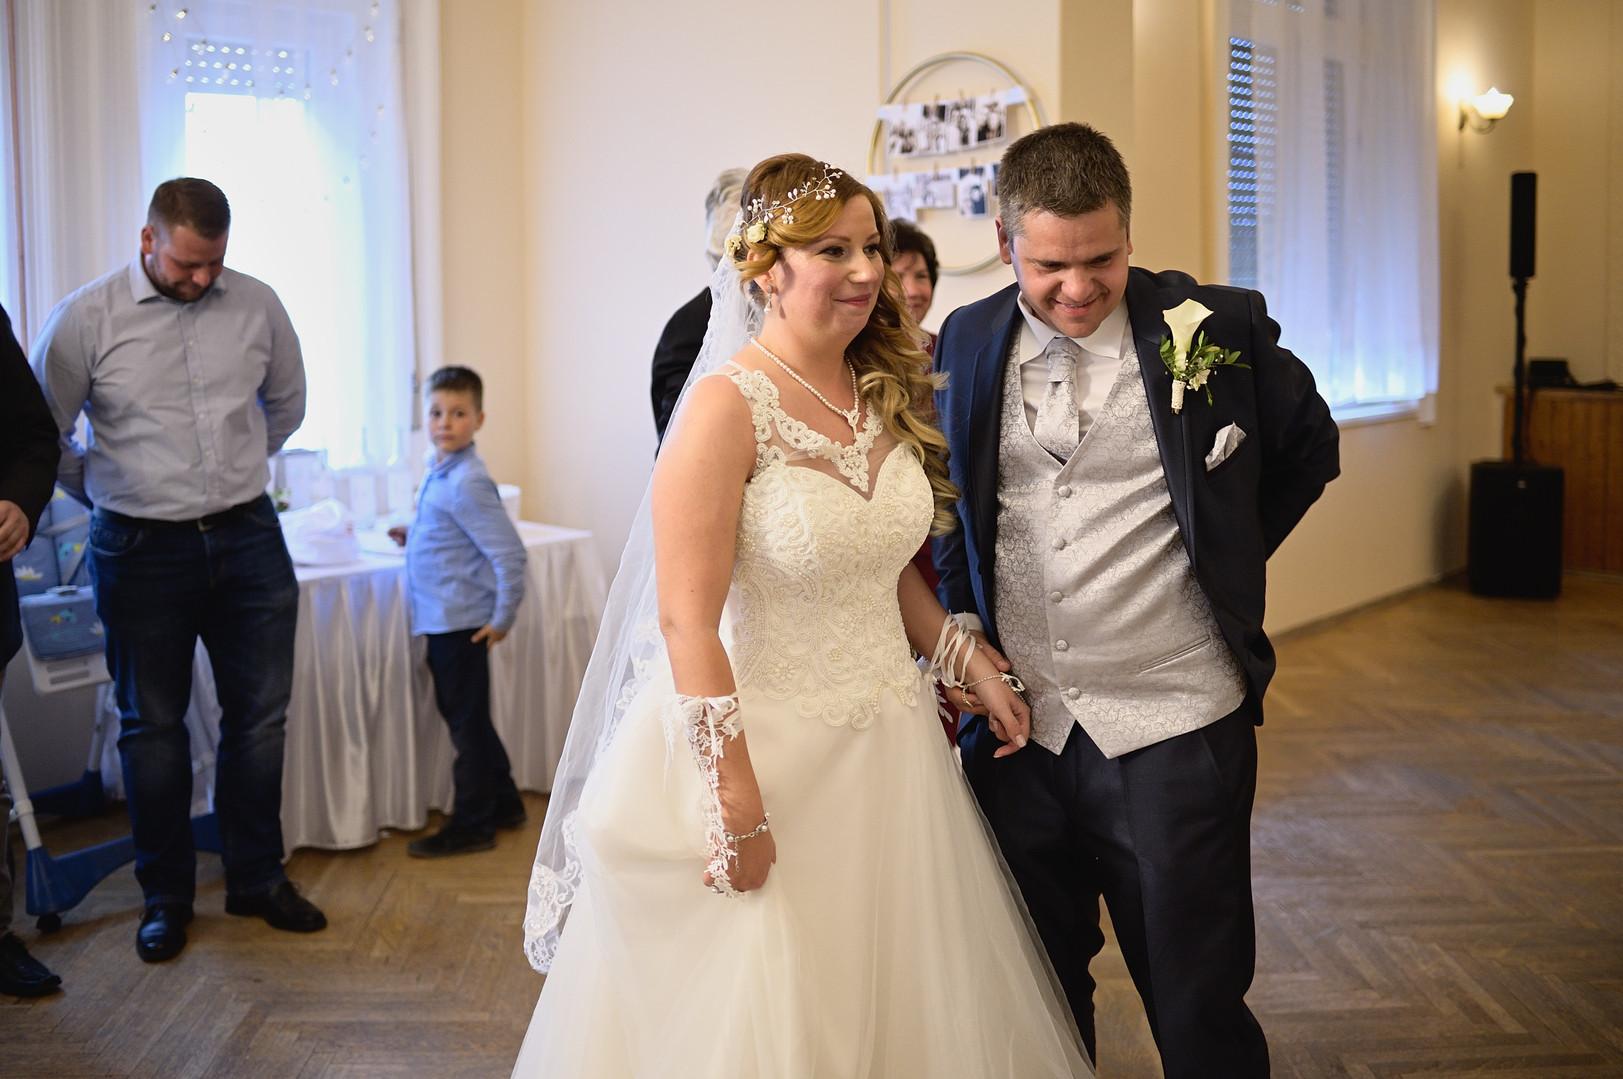 387  Esküvői fotózás - Enikő és Peti Bul